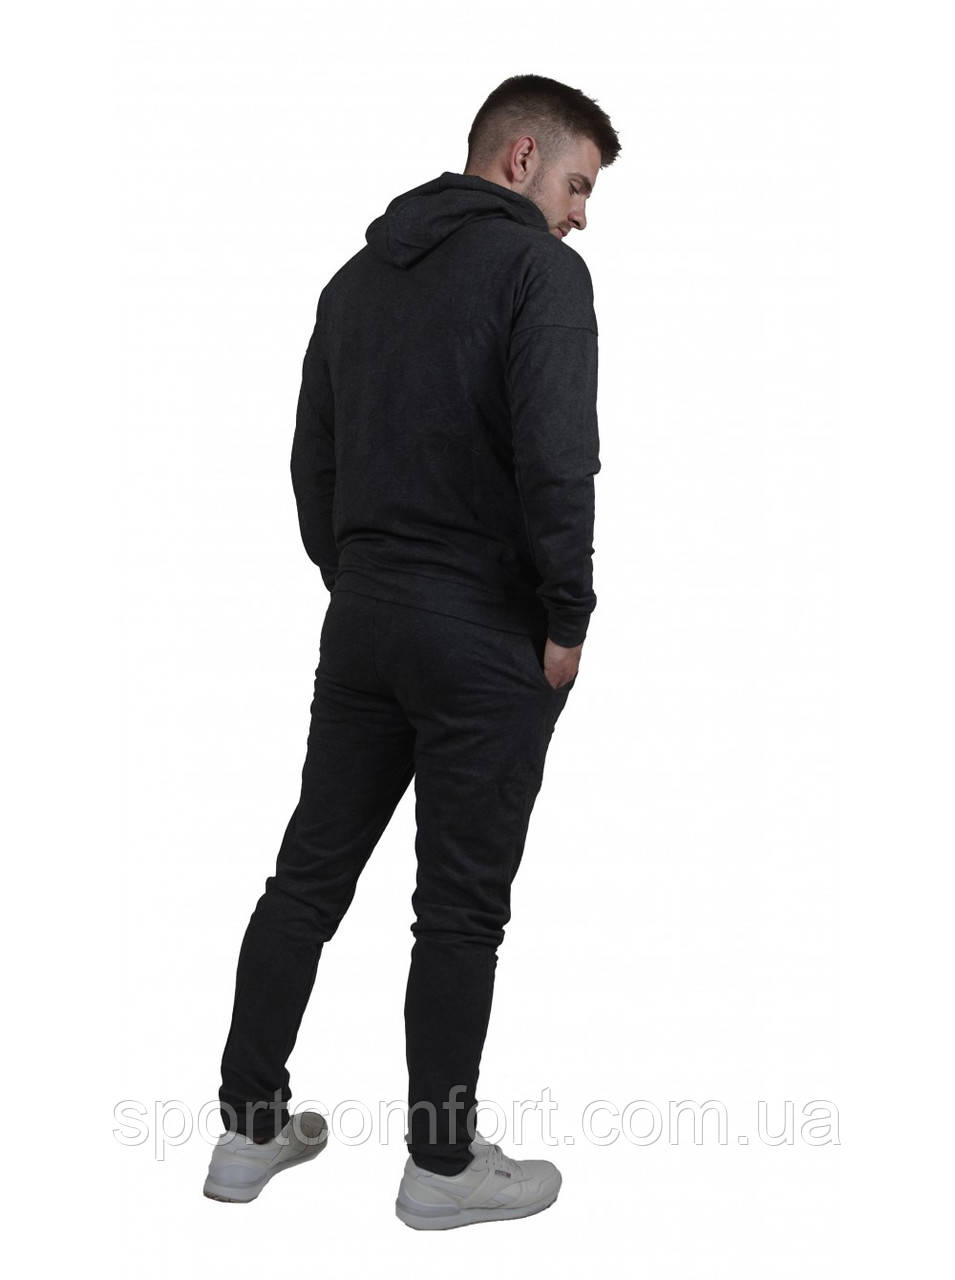 Чоловічий спортивний костюм Freever